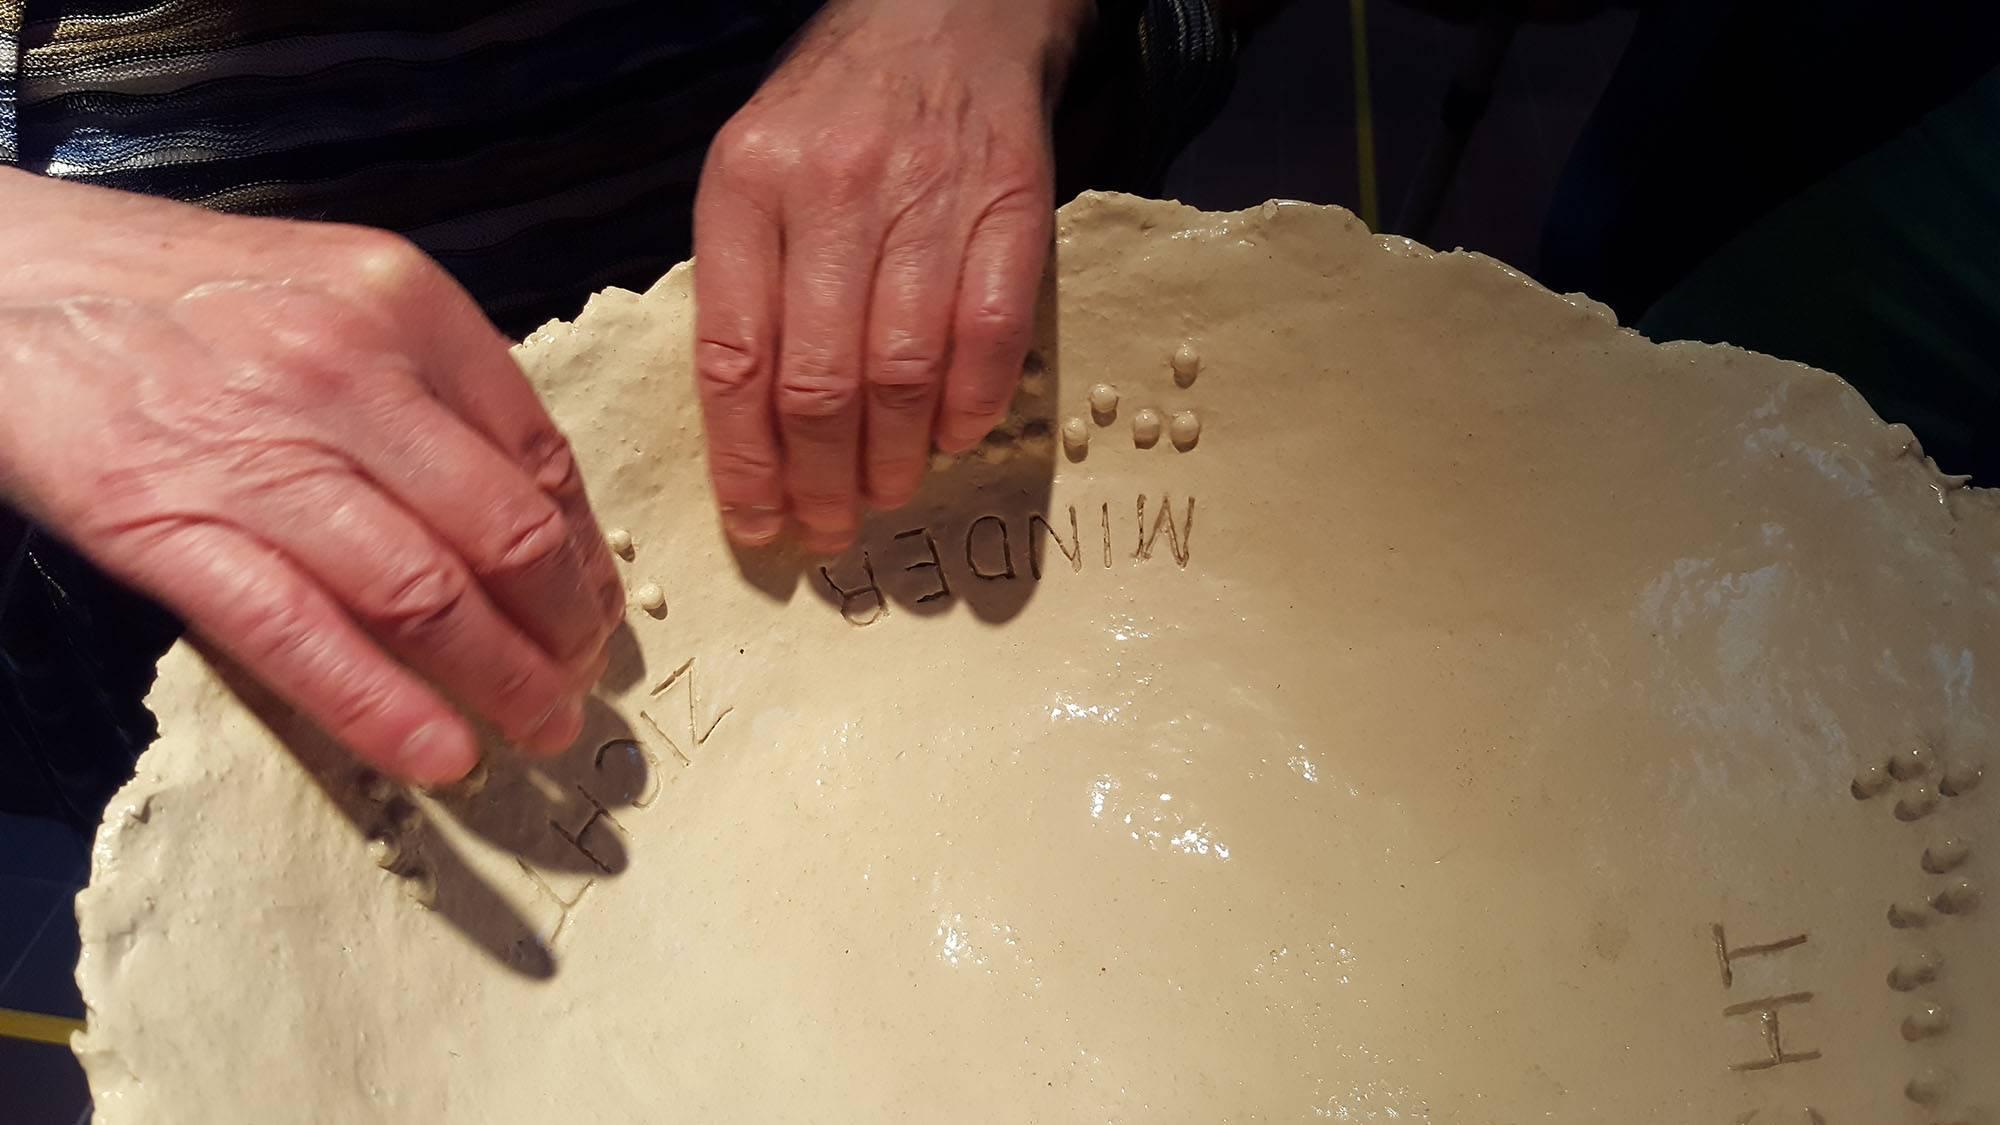 Detailfoto 2 handen voelen braillepuntjes op keramieken schaal Minder zicht- meer inzicht, door Jofke